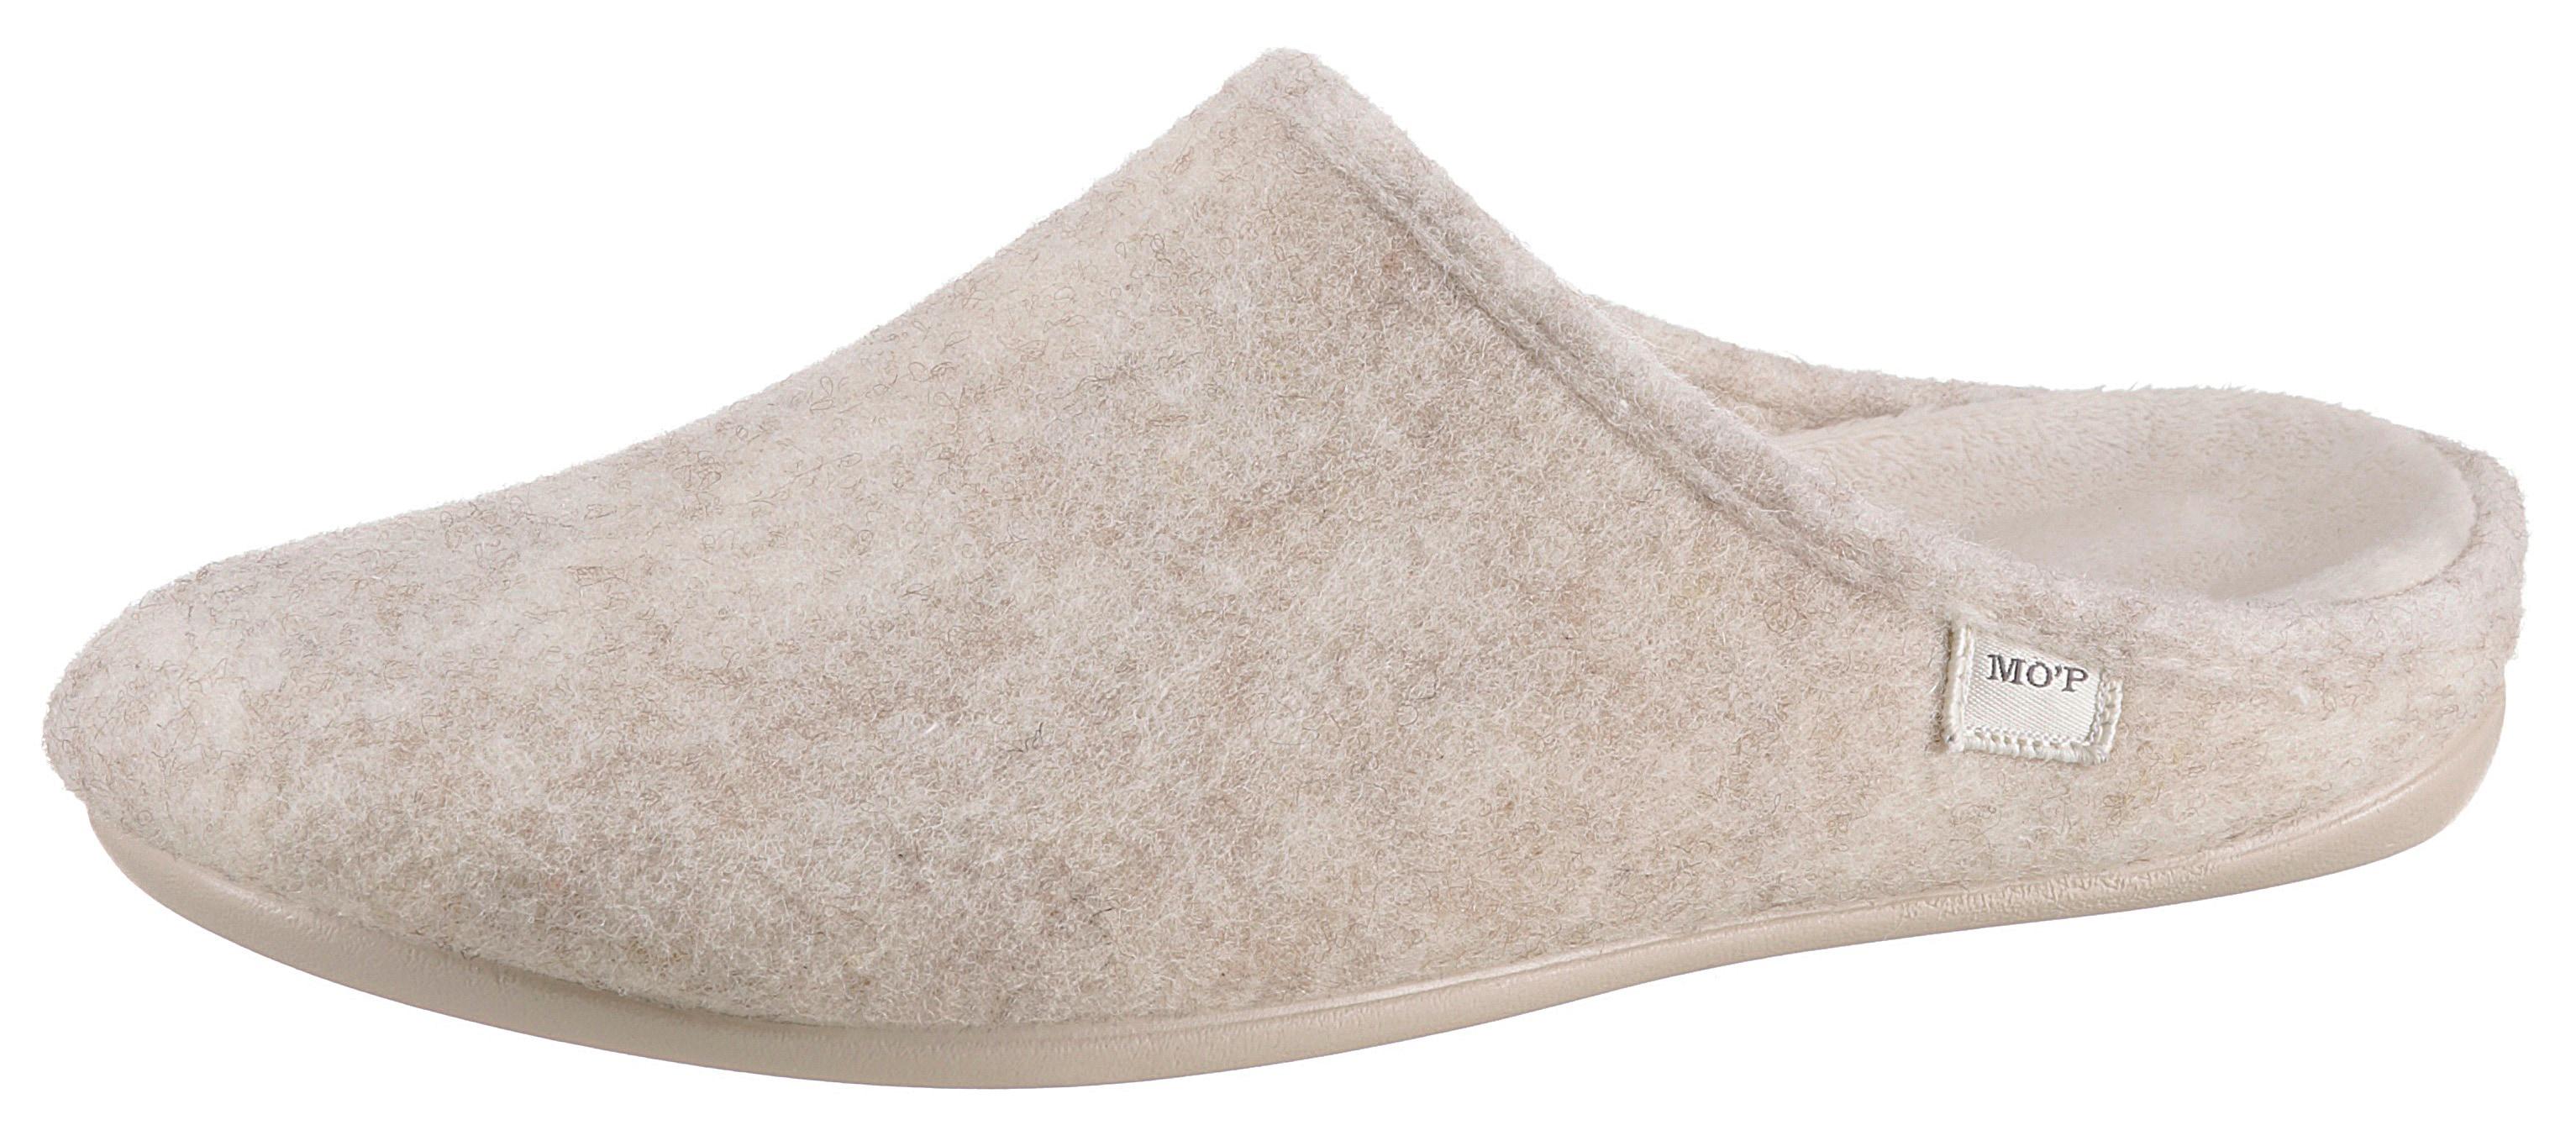 Marc O'Polo Hausschuh beige Damen Filzhausschuhe Hausschuhe Schuhe